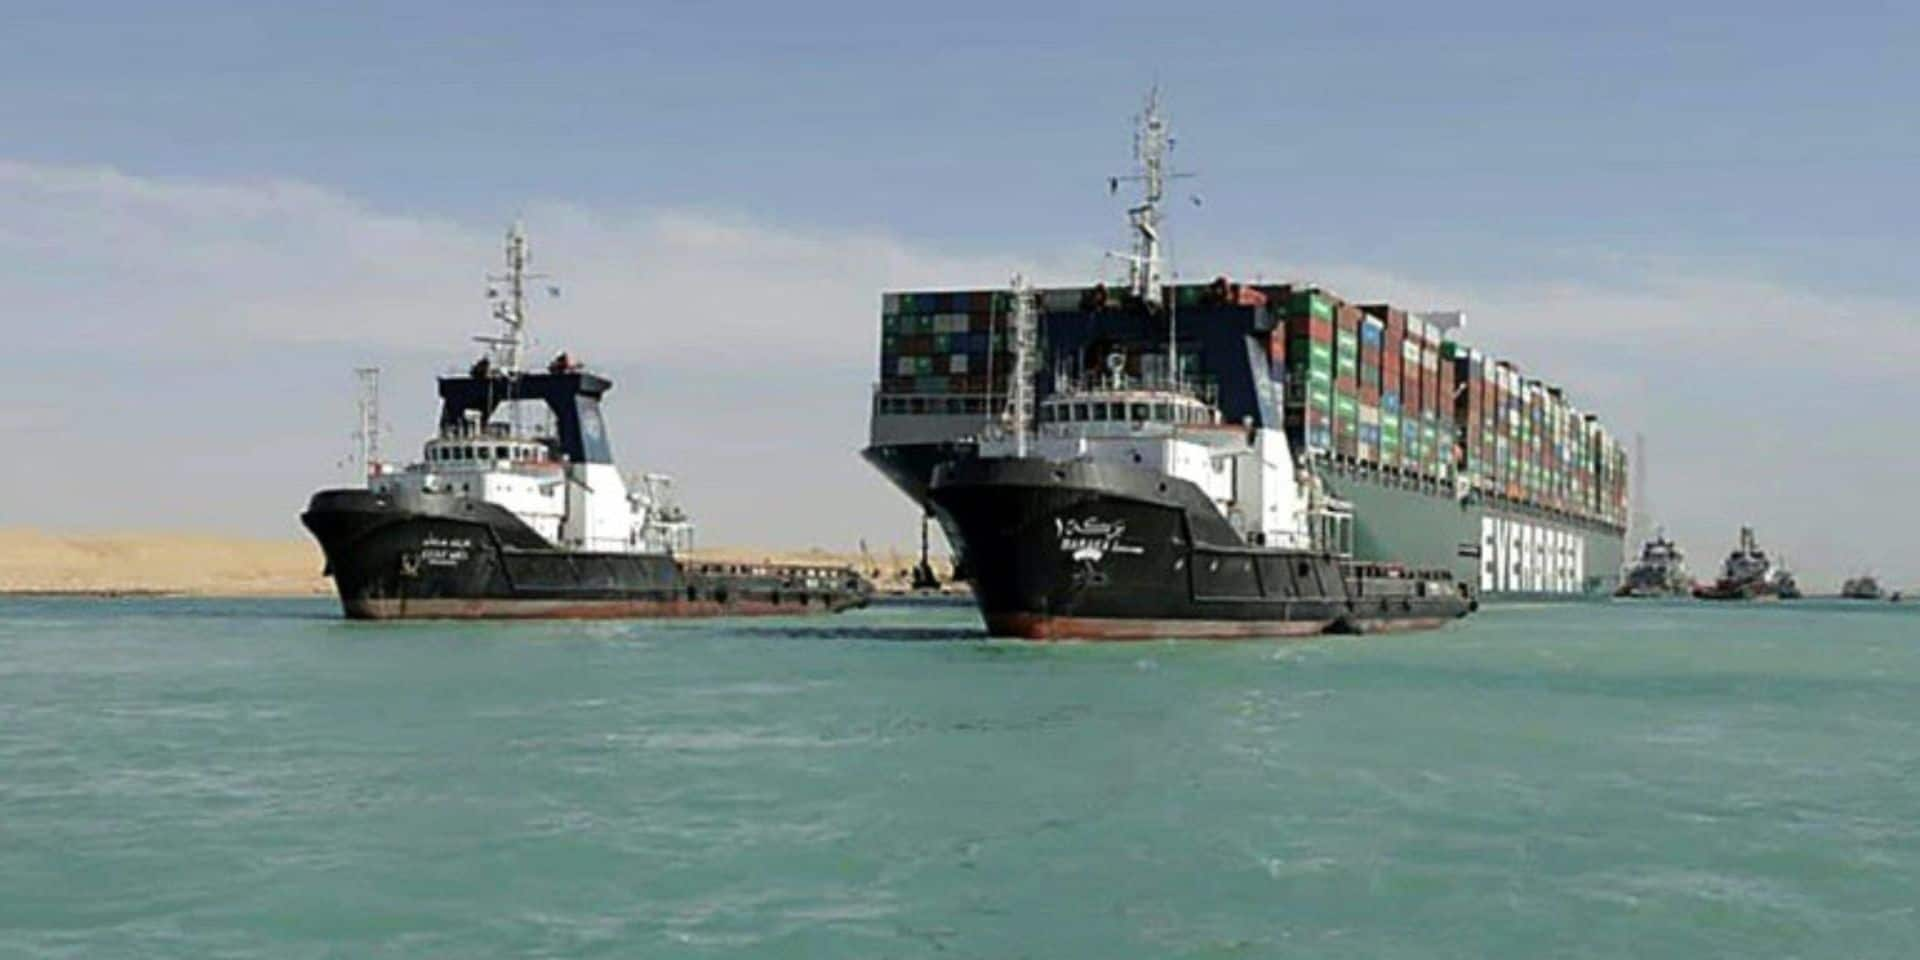 Canal de Suez: l'Egypte réduit ses exigences d'indemnisation pour l'Ever Given